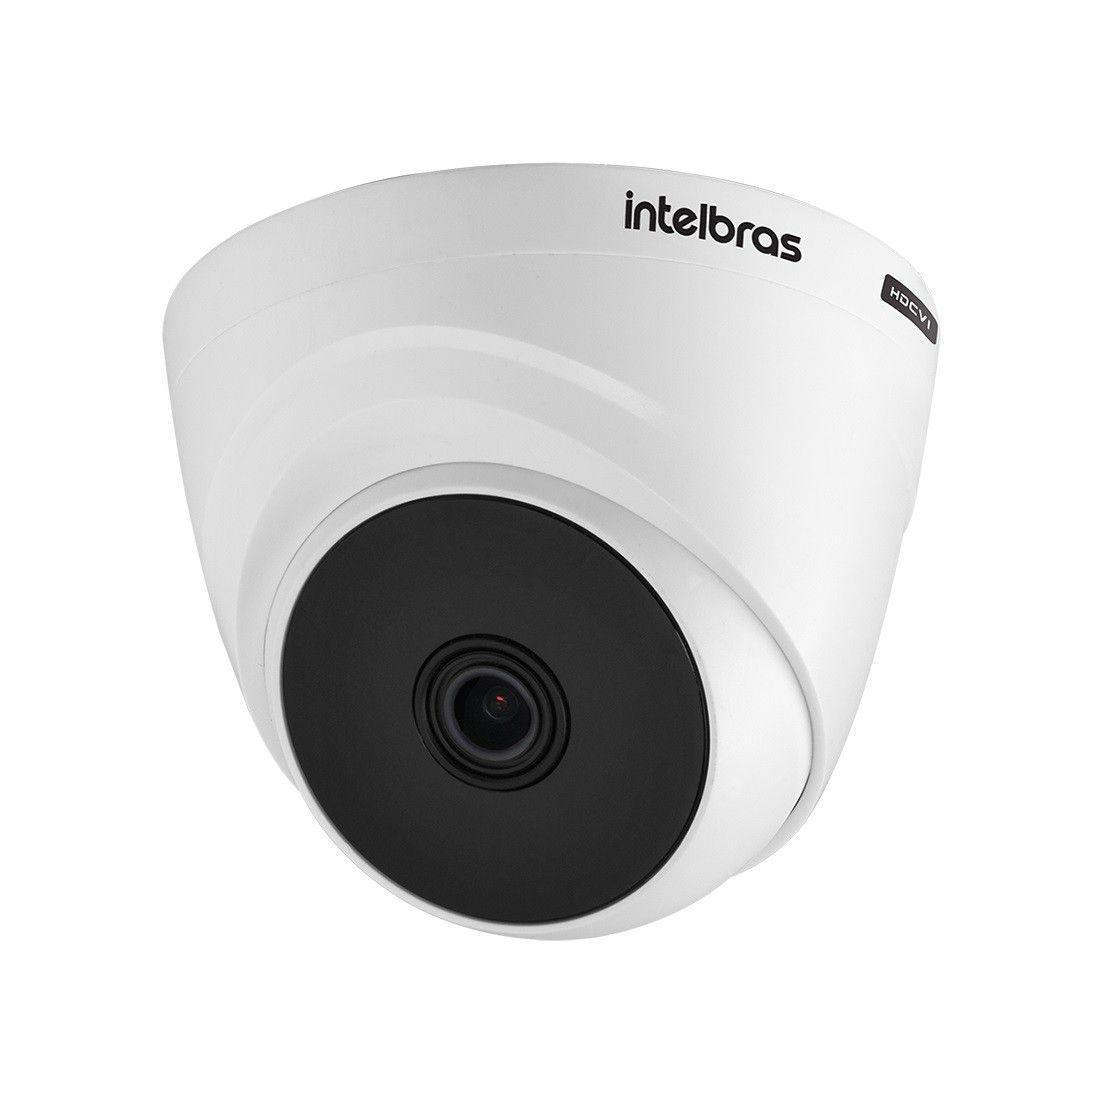 Kit 4 Câmeras de Segurança HD 720p Intelbras VHD 1010 D G6 + DVR 4 Canais Multi HD Com HD 1TB e Acessórios